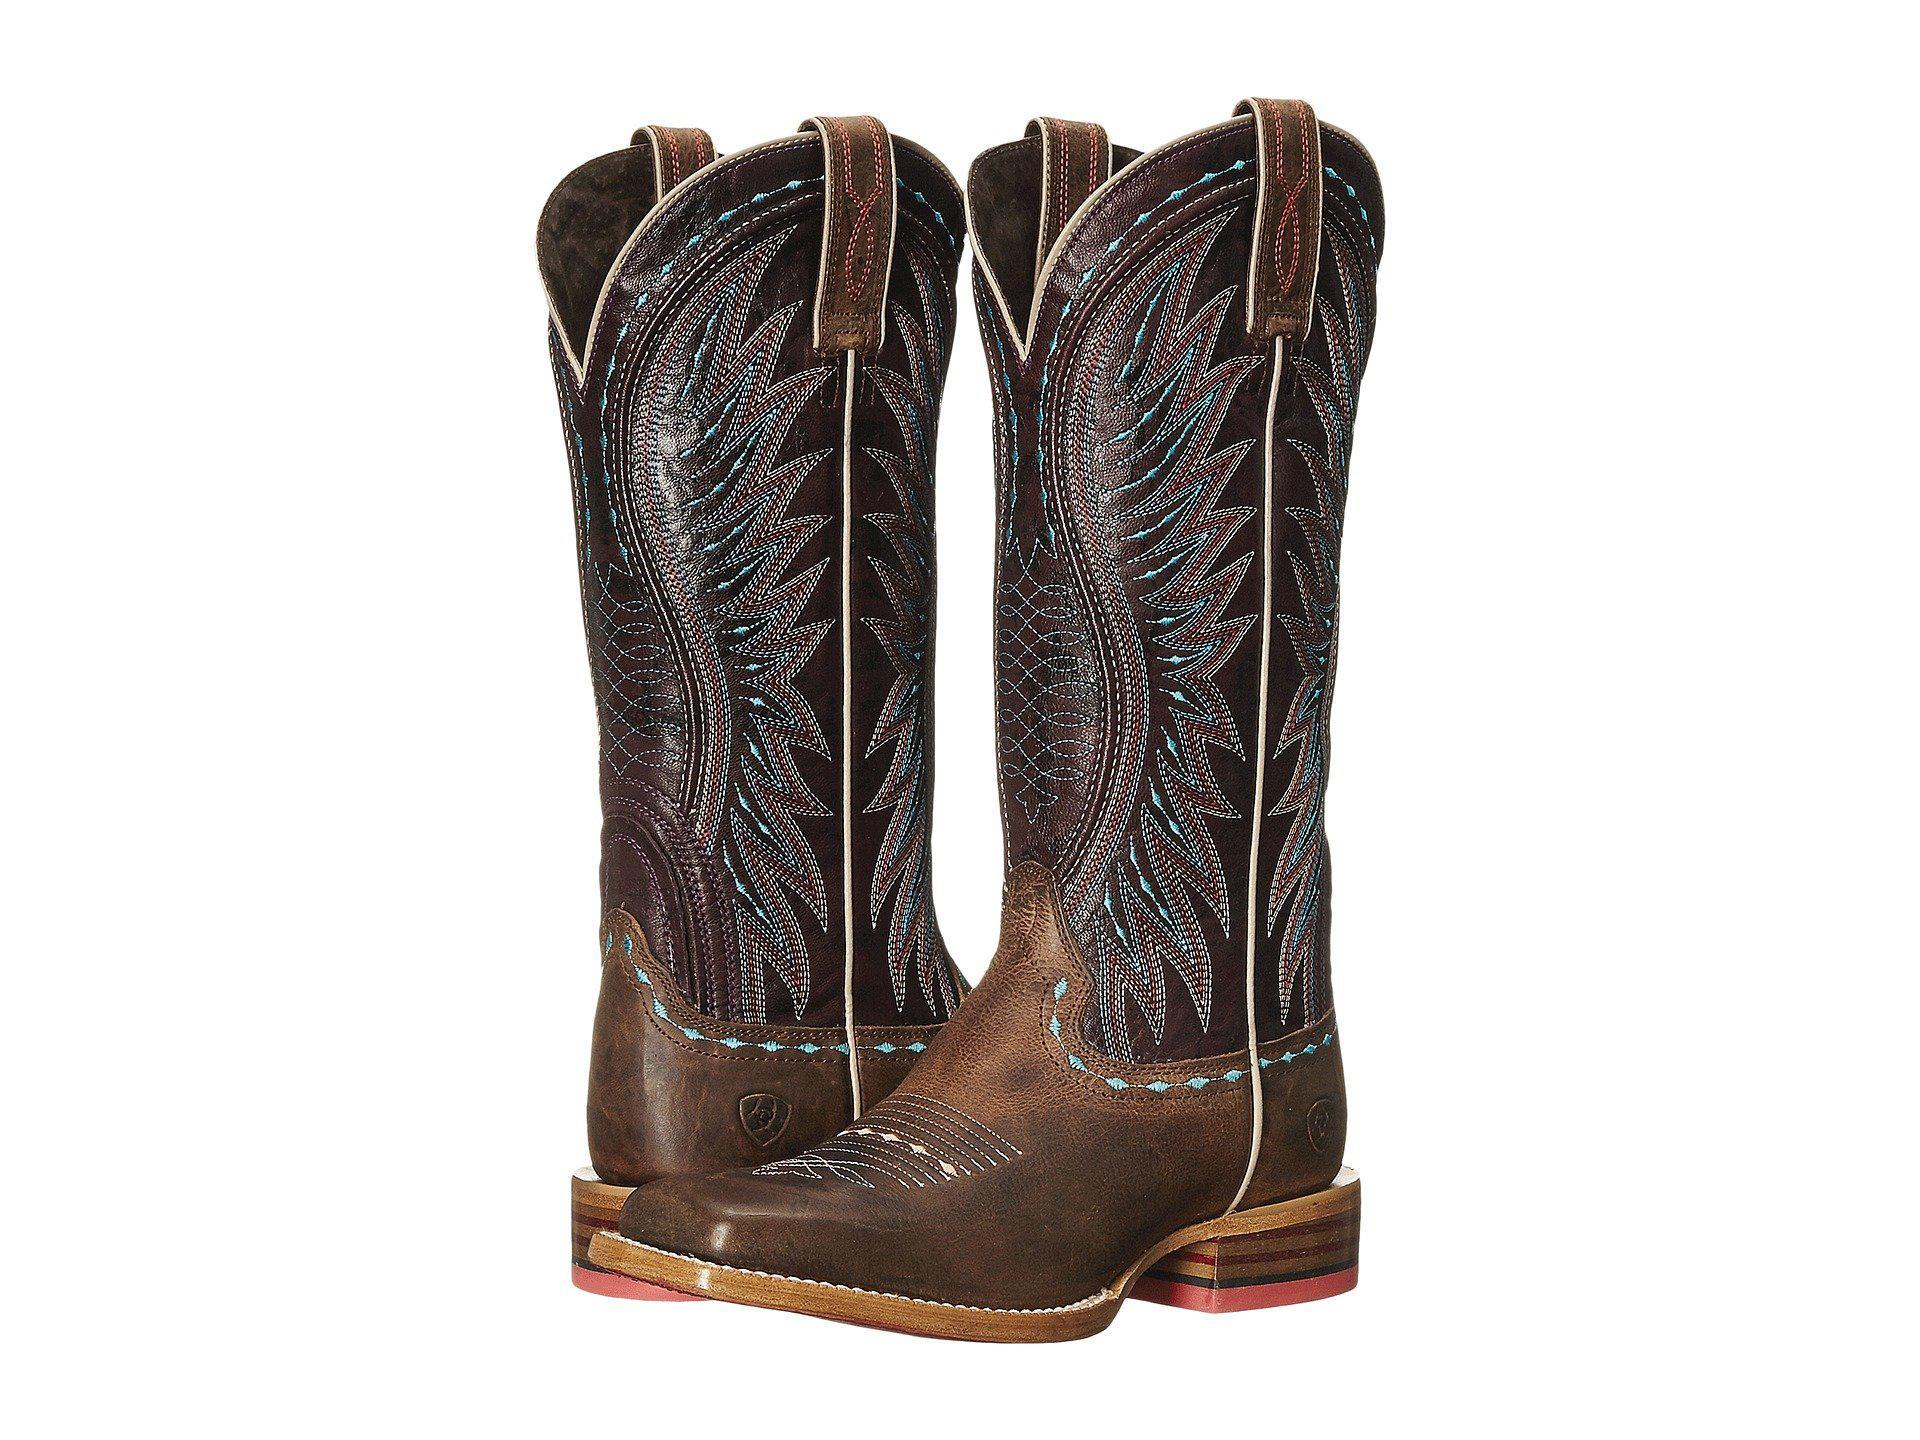 a89d36262dda Lyst - Ariat Vaquera (khaki sunset Purple) Cowboy Boots in Natural